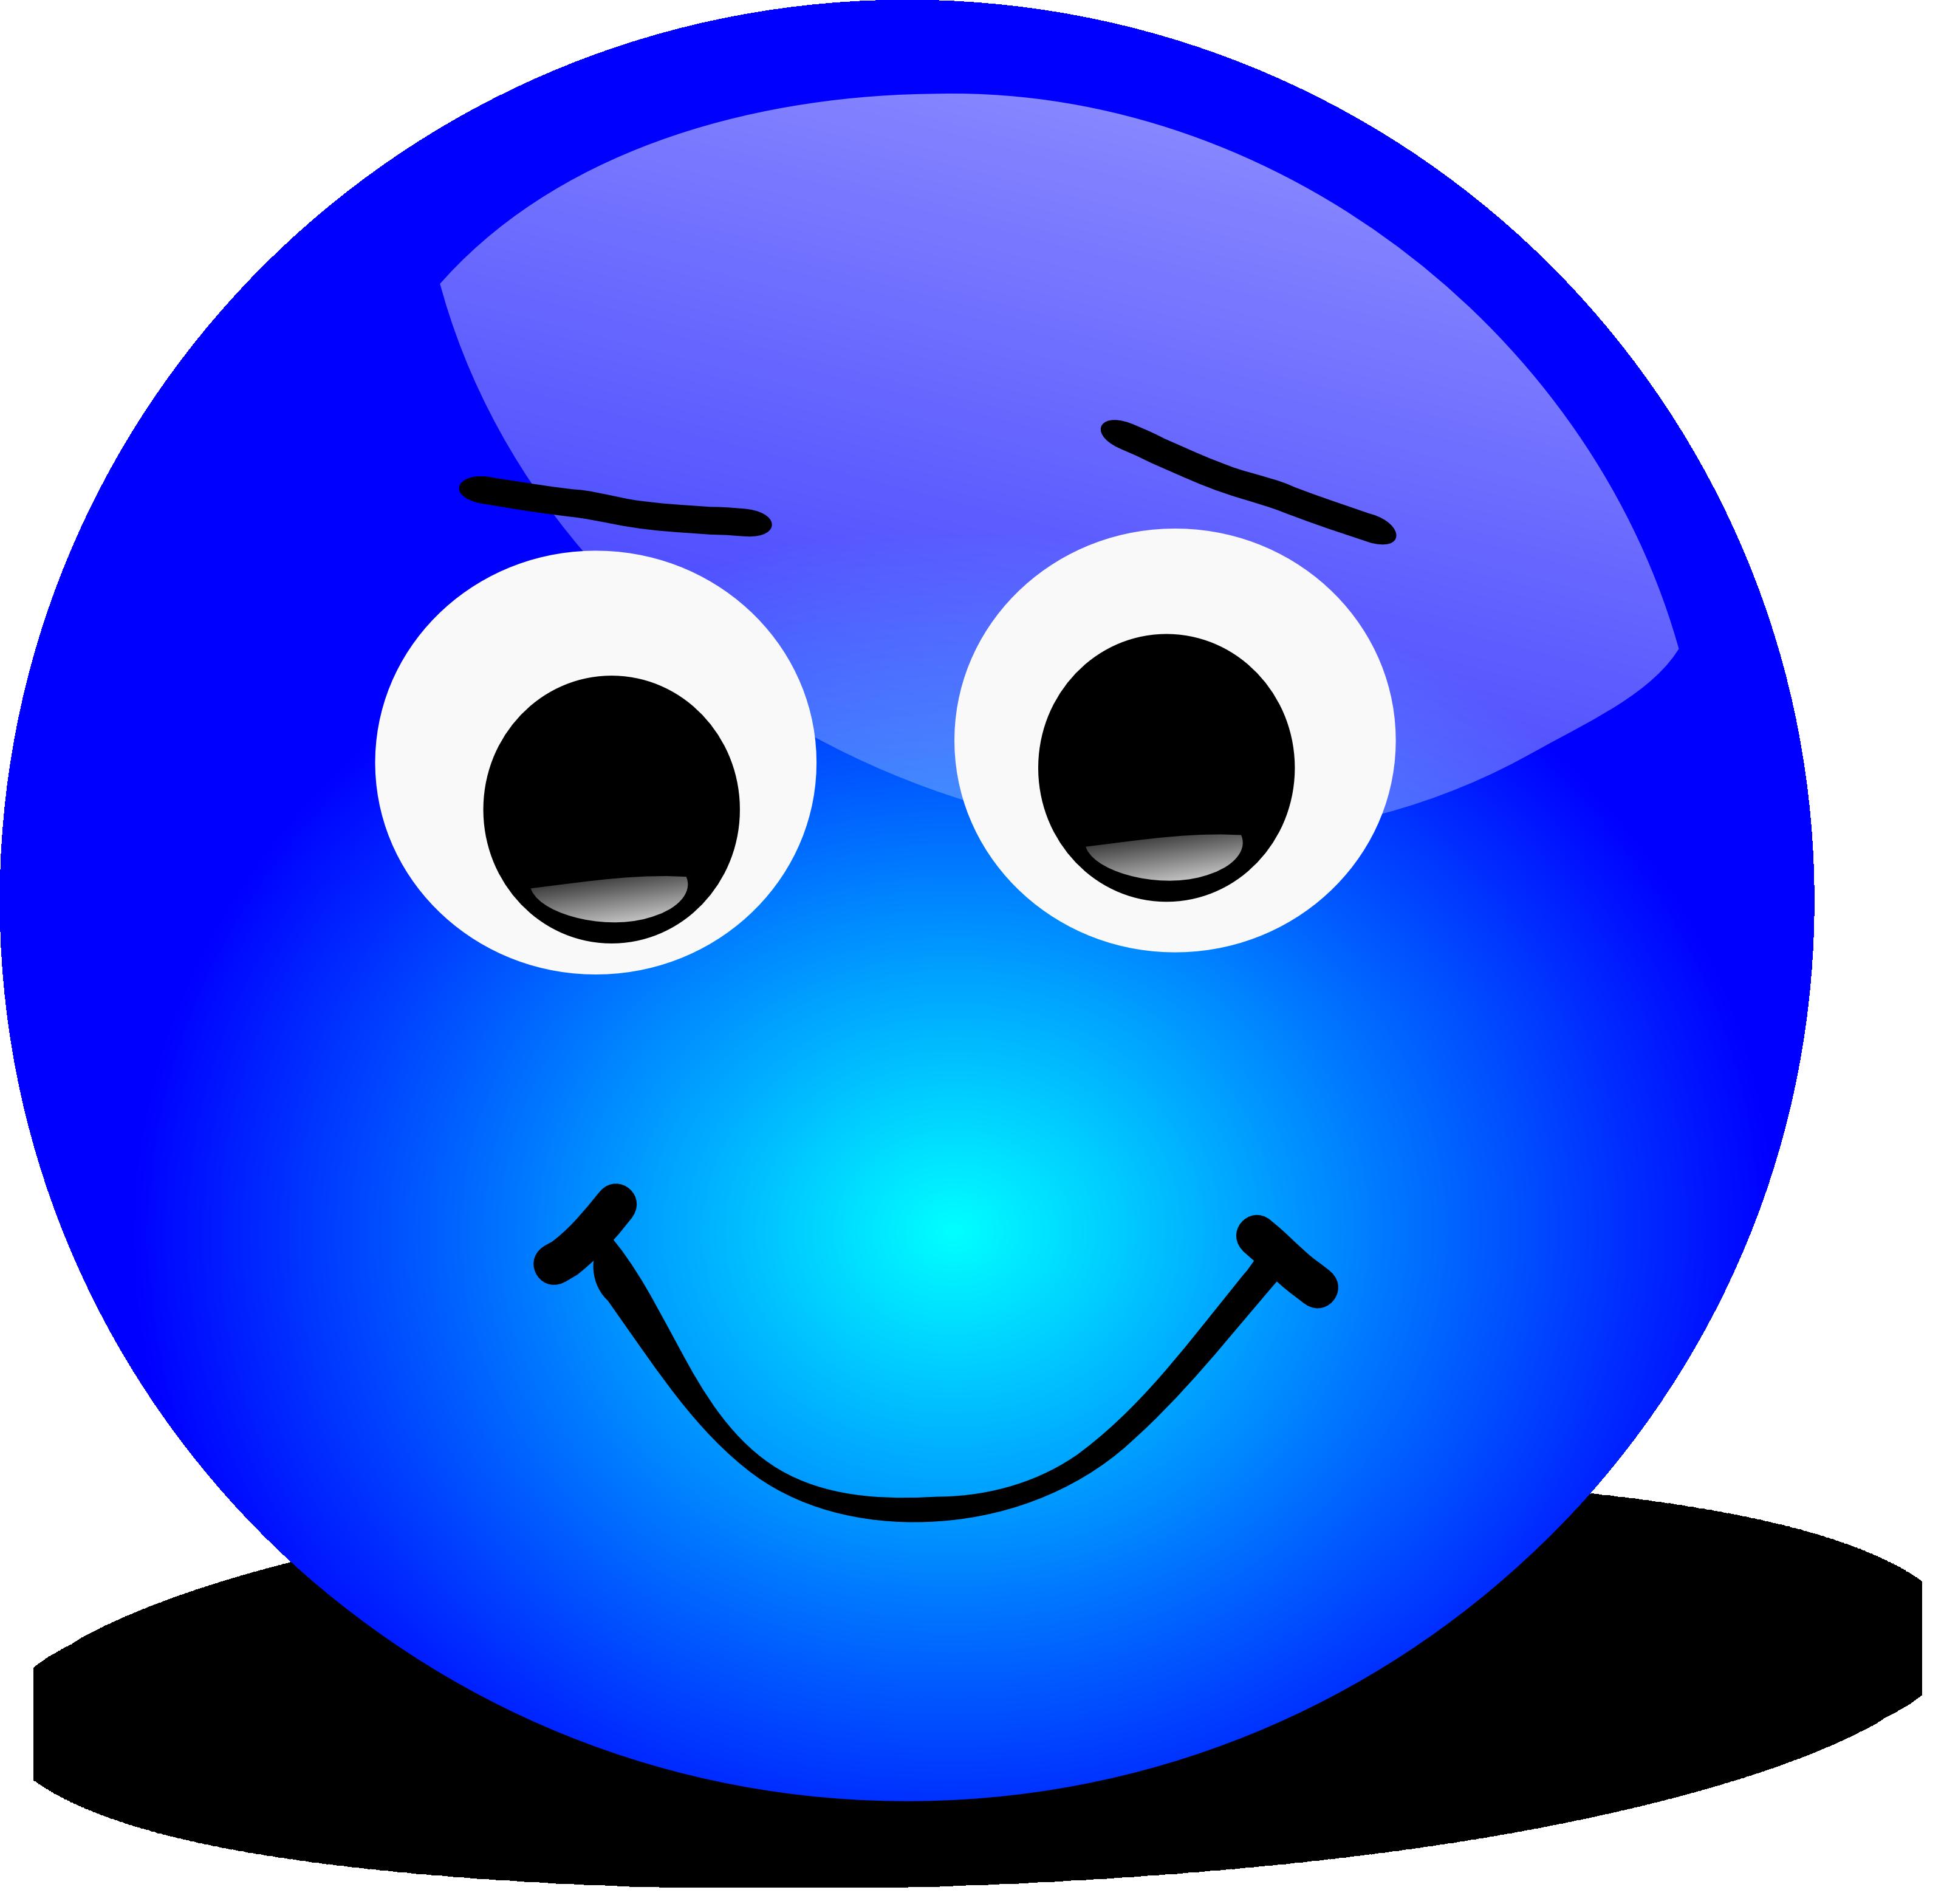 3200x3134 Happy And Sad Face Clip Art Clipart Panda